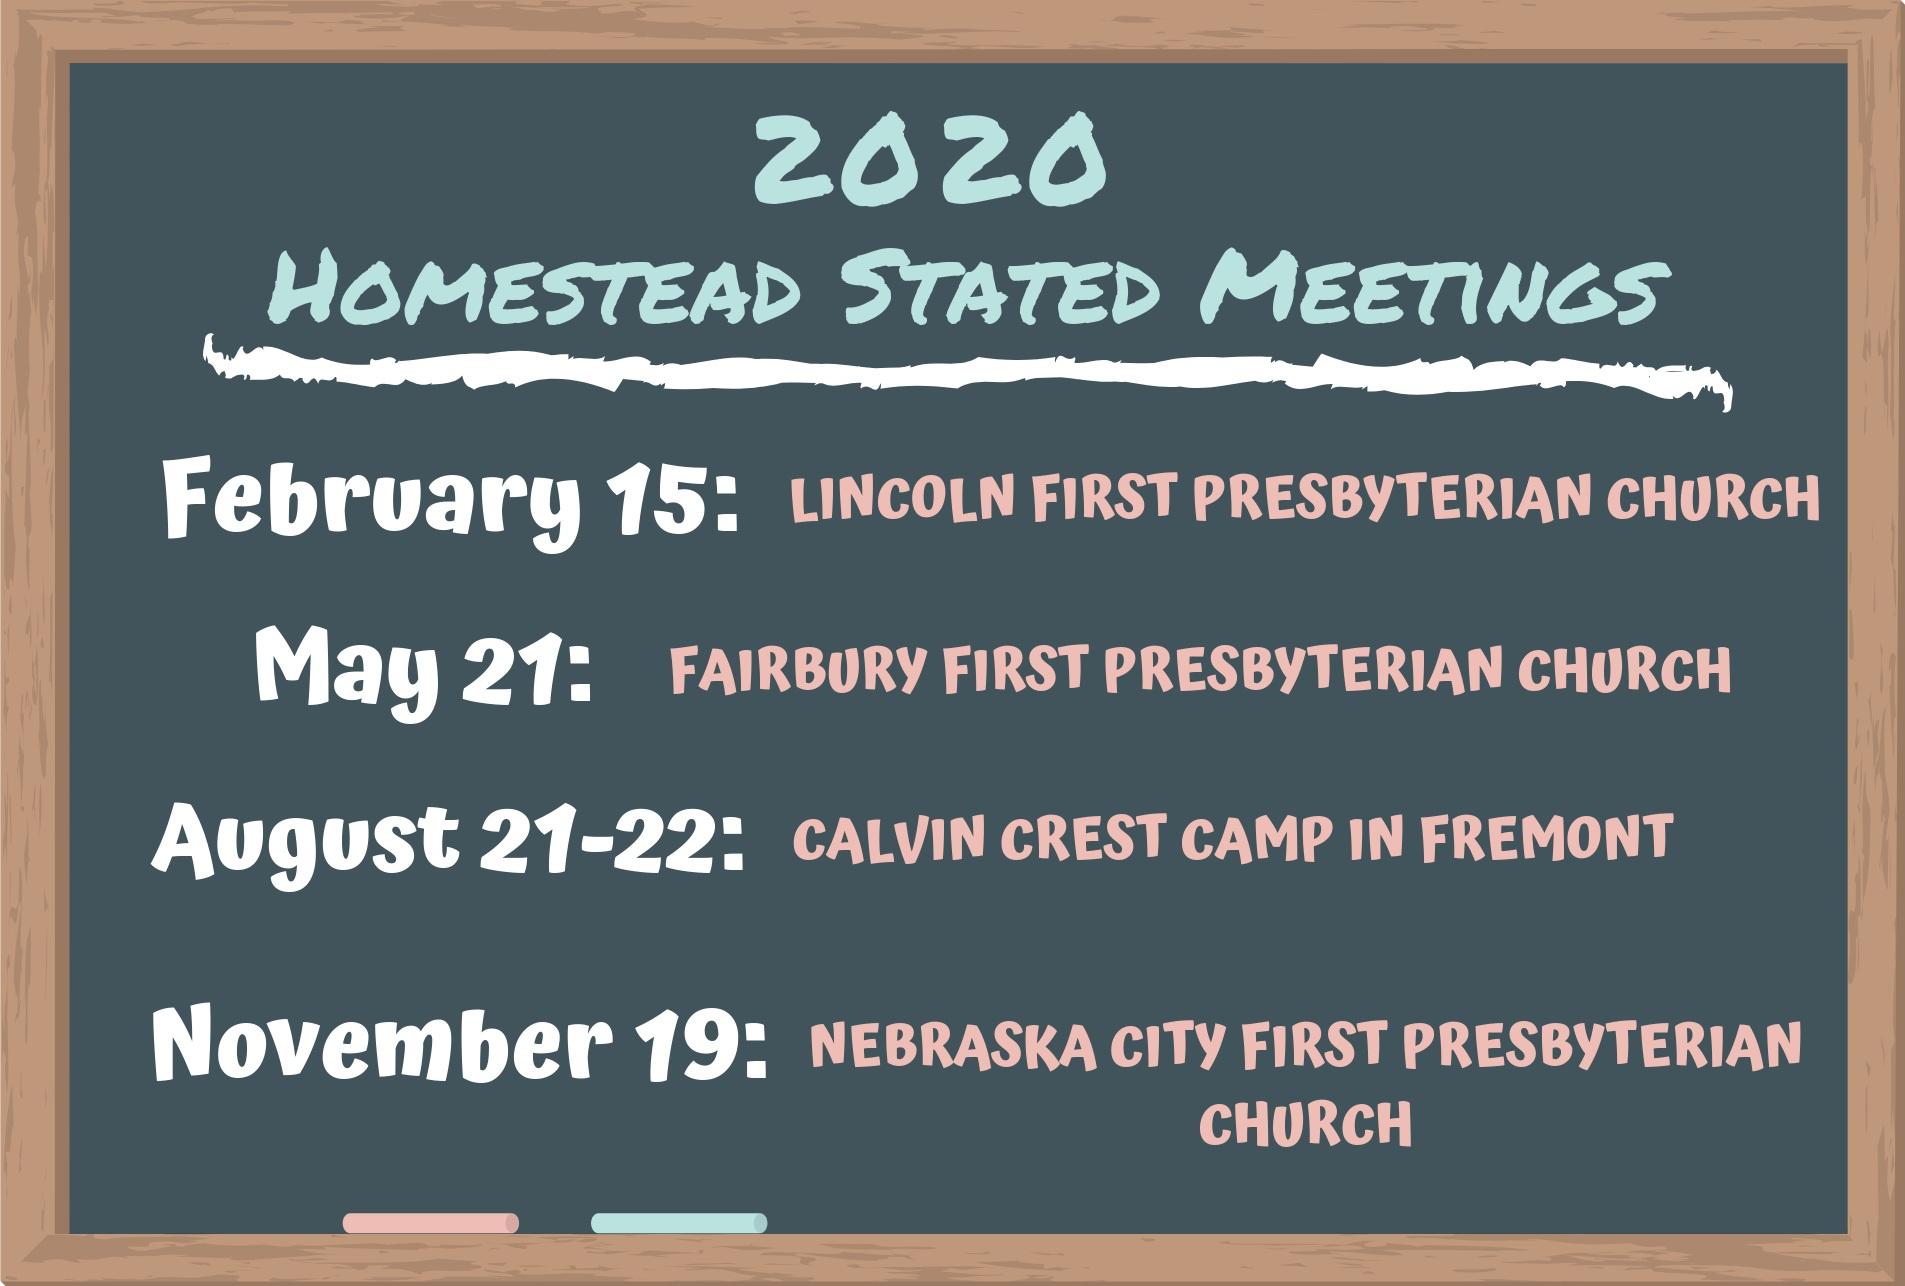 2020+Homestead+Stated+Meetings+%281%29.jpg